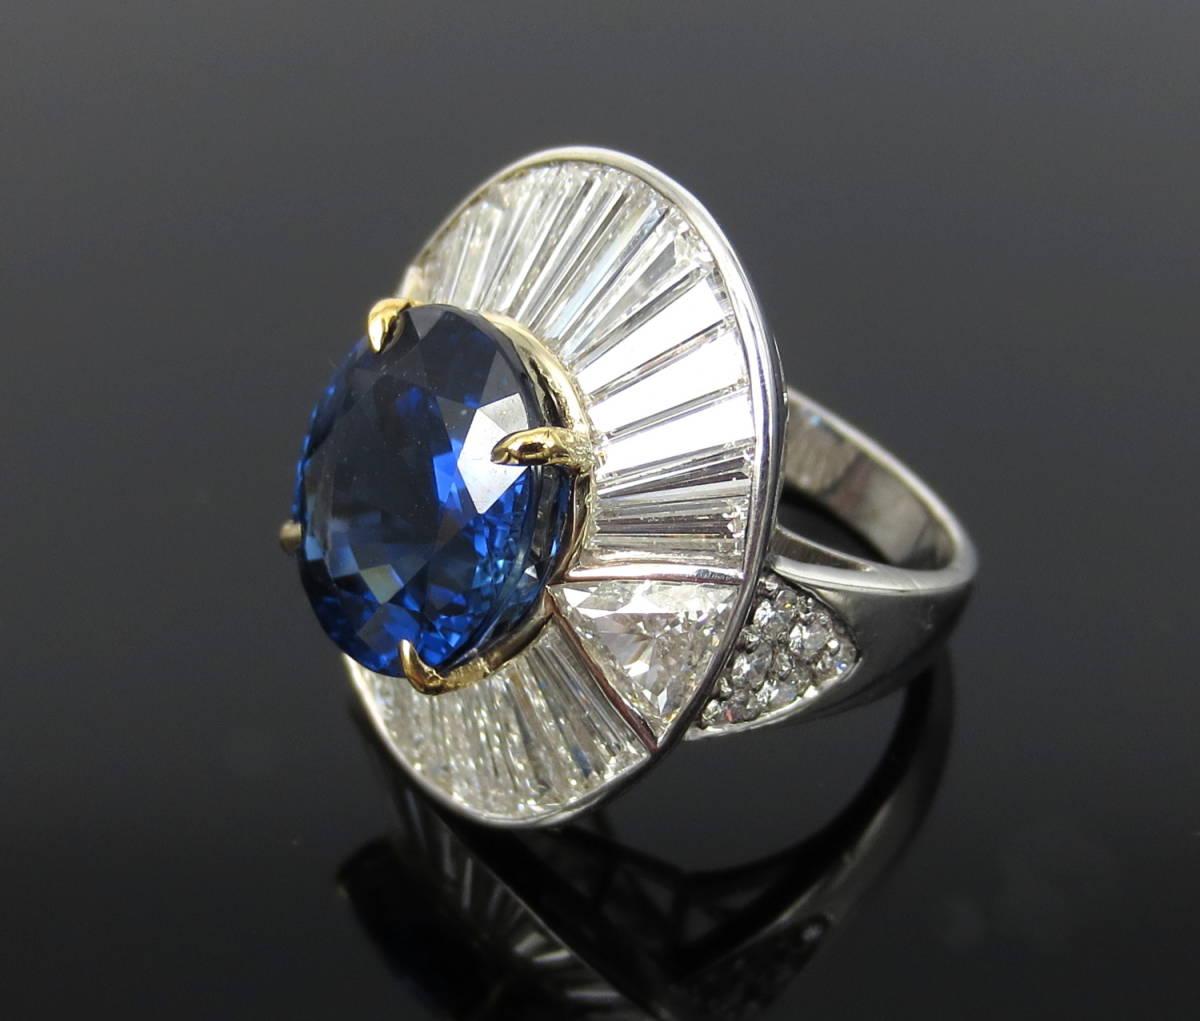 ◆ロイヤルブルー◆存在感抜群《15ct ダイヤモンド&セイロン・サファイヤ》プラチナ&K18リング指輪_画像3